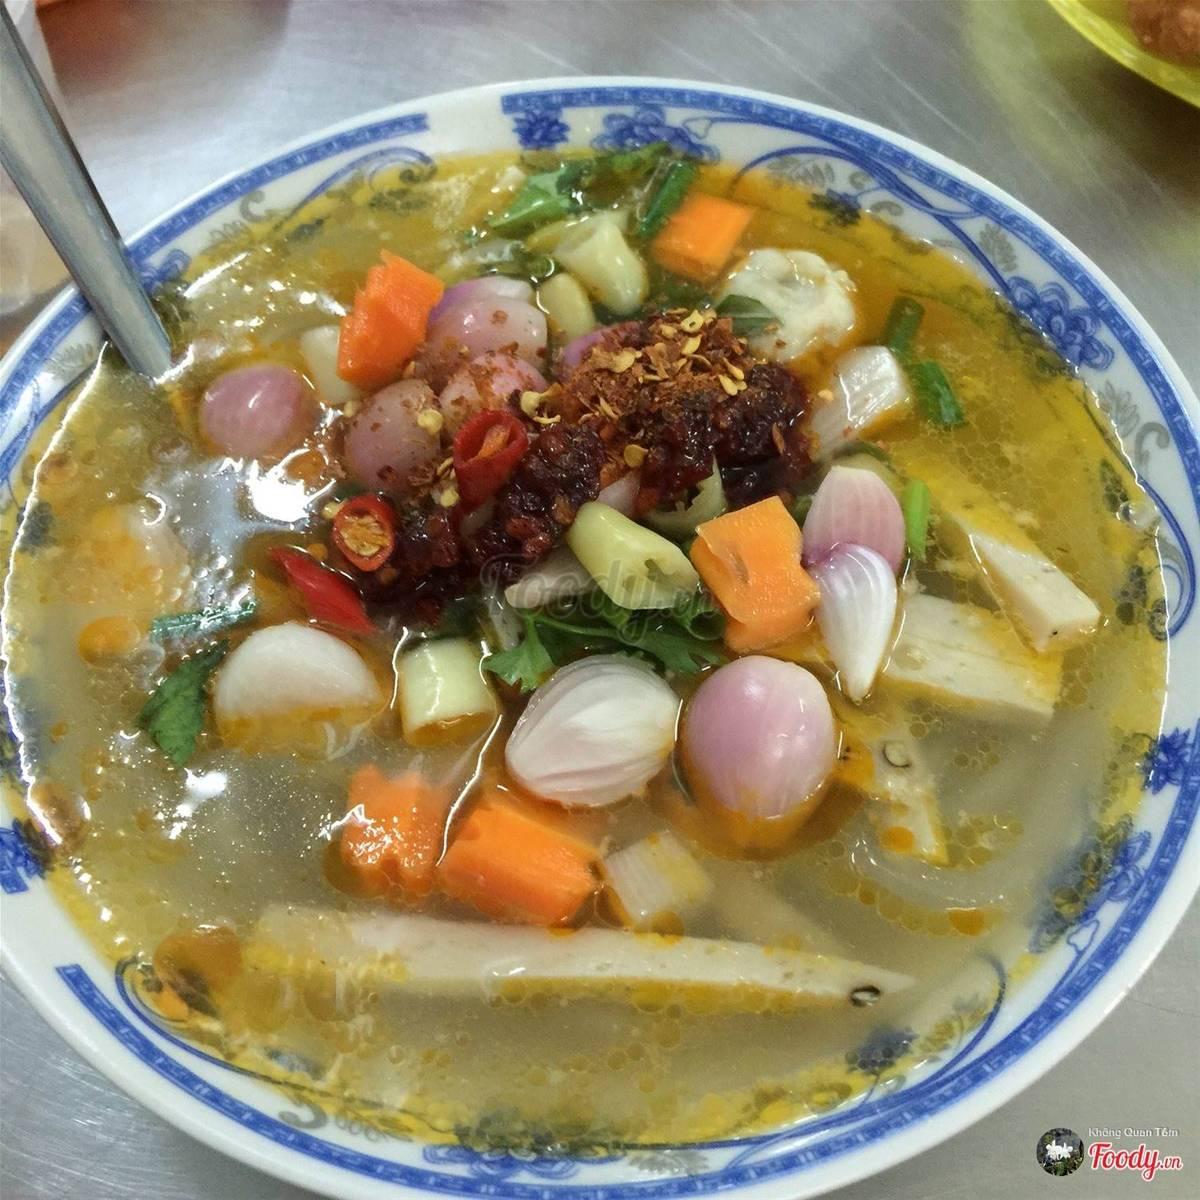 foody-nga-banh-canh-cha-ca-168-635697120995100050